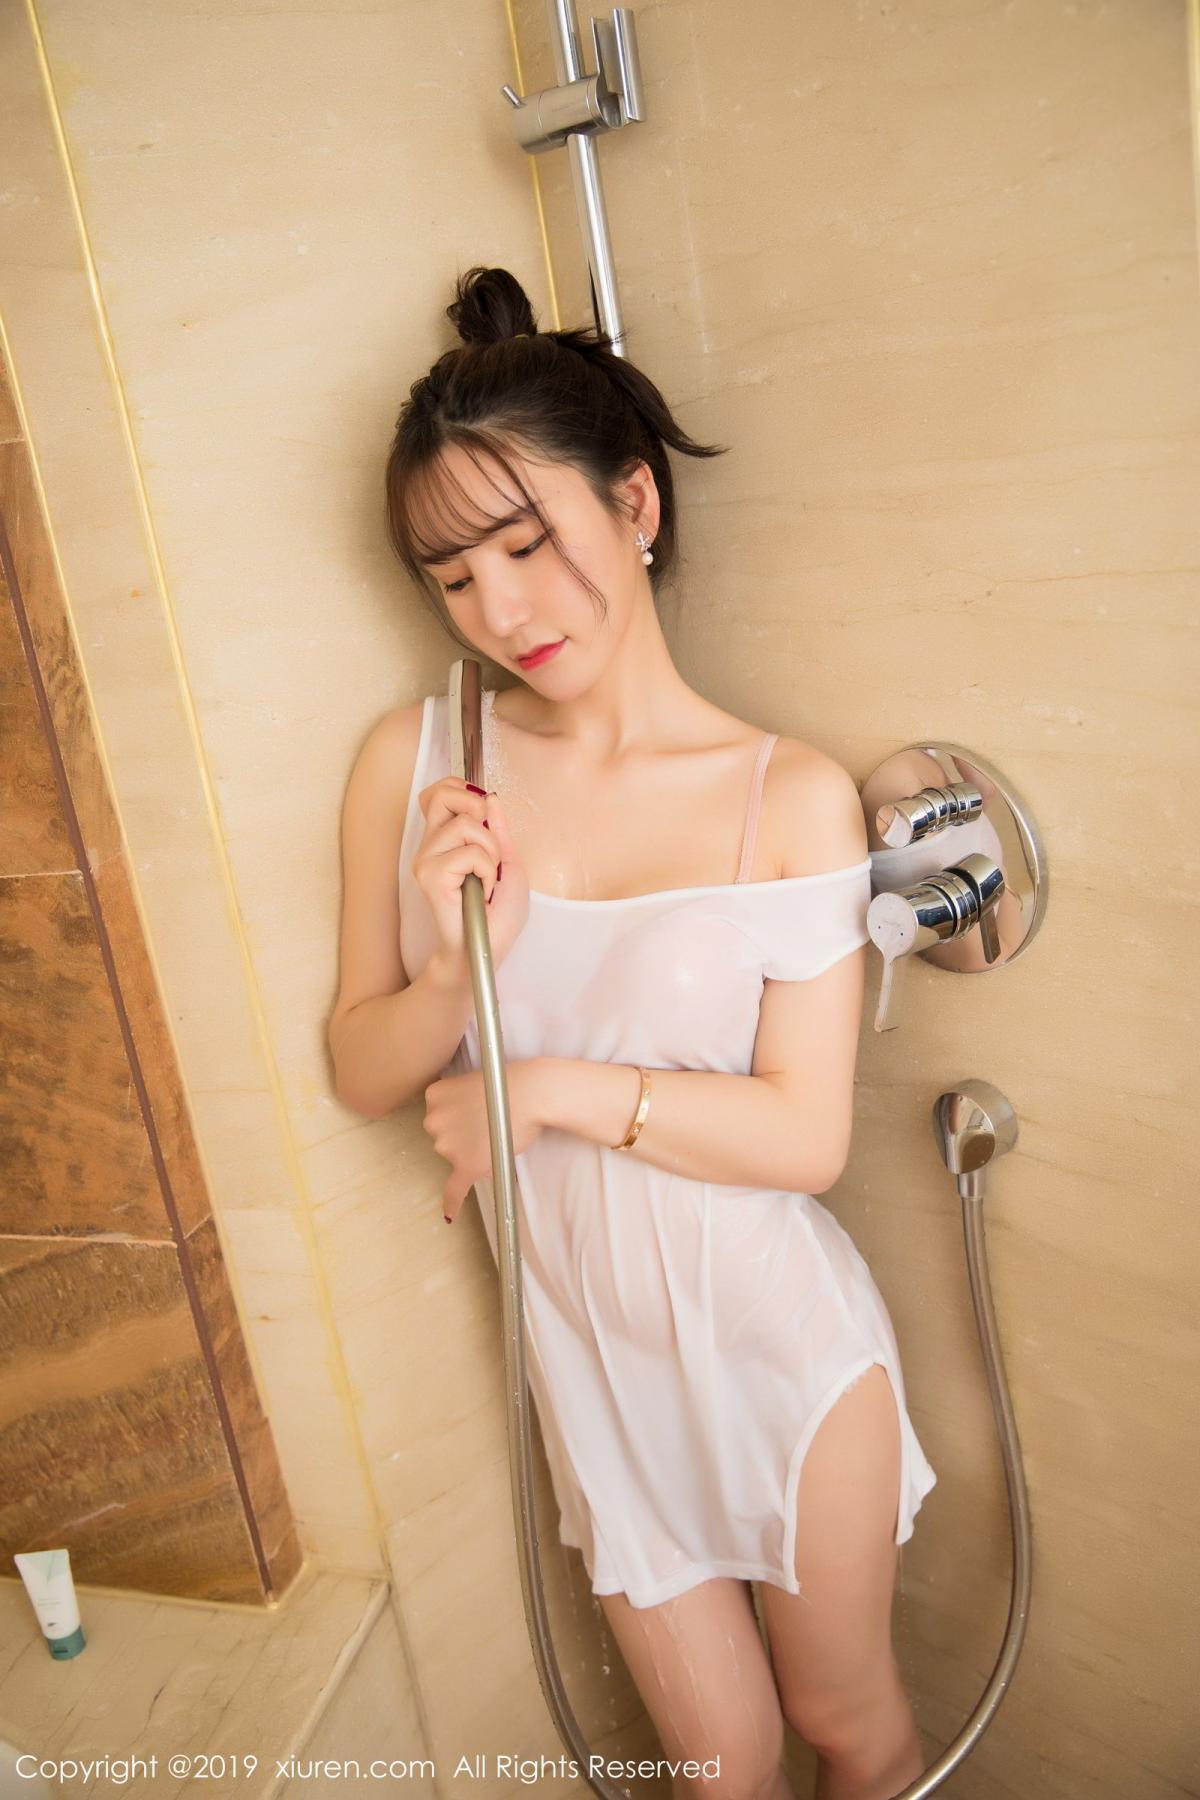 [XiuRen] Vol.1656 Zhou Yu Xi 13P, Bathroom, Underwear, Wet, Xiuren, Zhou Yu Xi